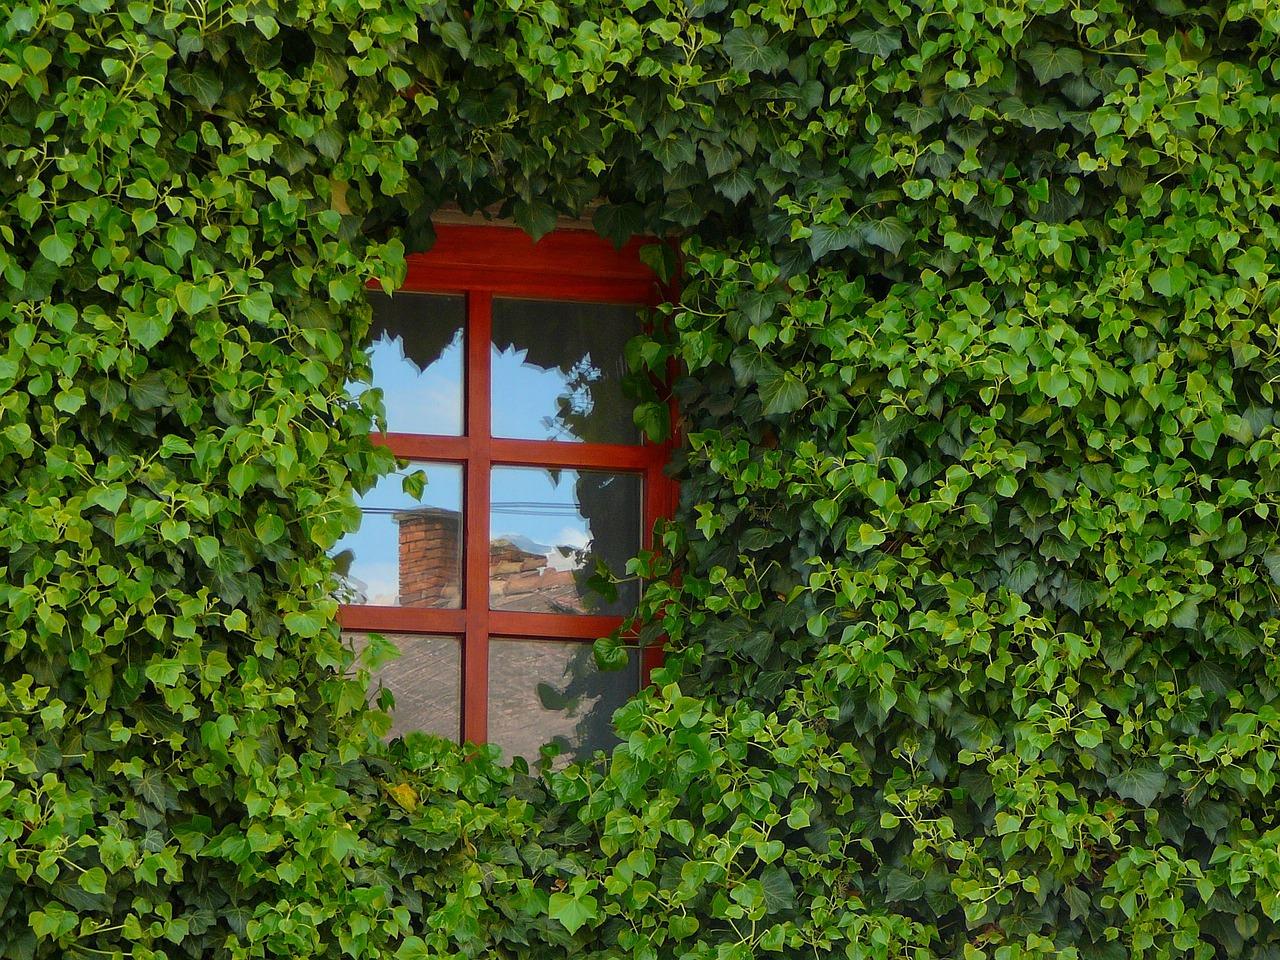 Quel danger représente une fenêtre hors d'état ?